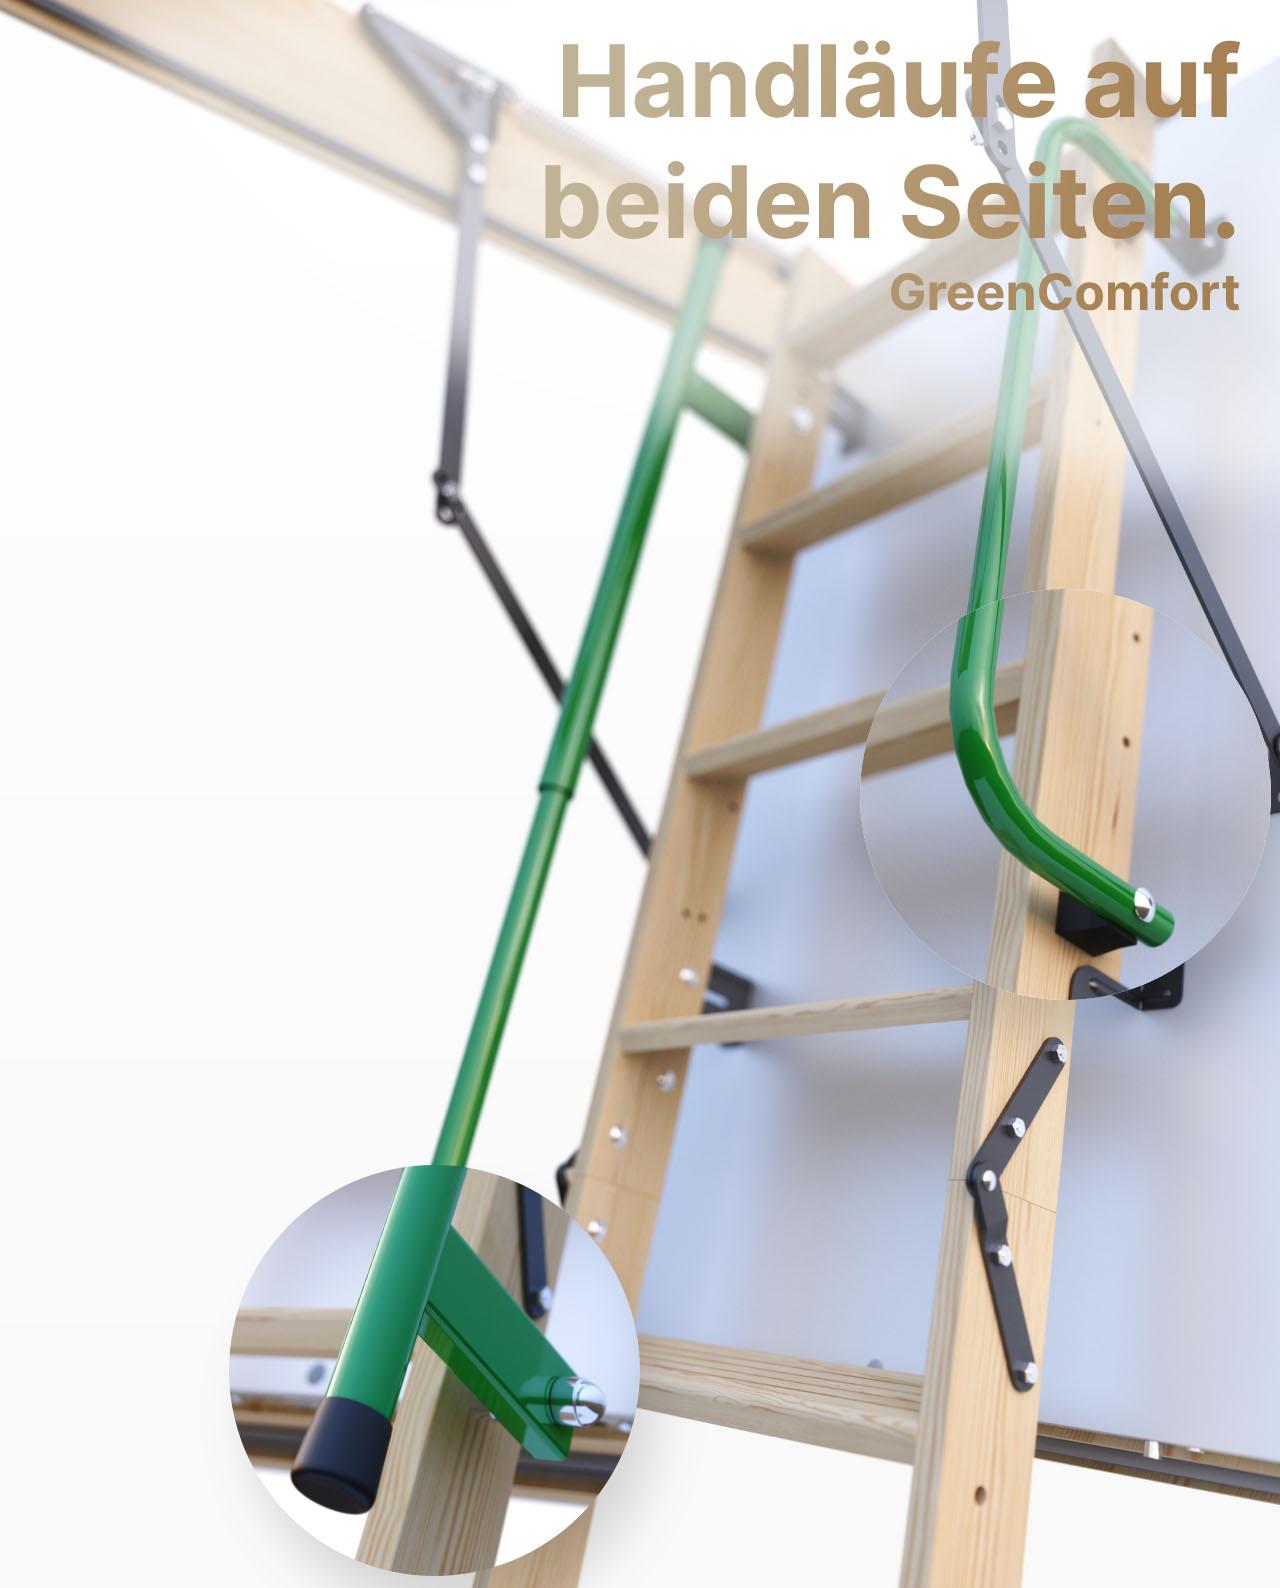 Bequeme Assistenz-Federmechanismus U-Wert 0,36 W//M2*K Ged/ämmte HEYKE W1 Bodentreppen mit Zwei Handl/äufe Spart Energiekosten M/öbelqualit/ät Luftdichtheitsklasse 4